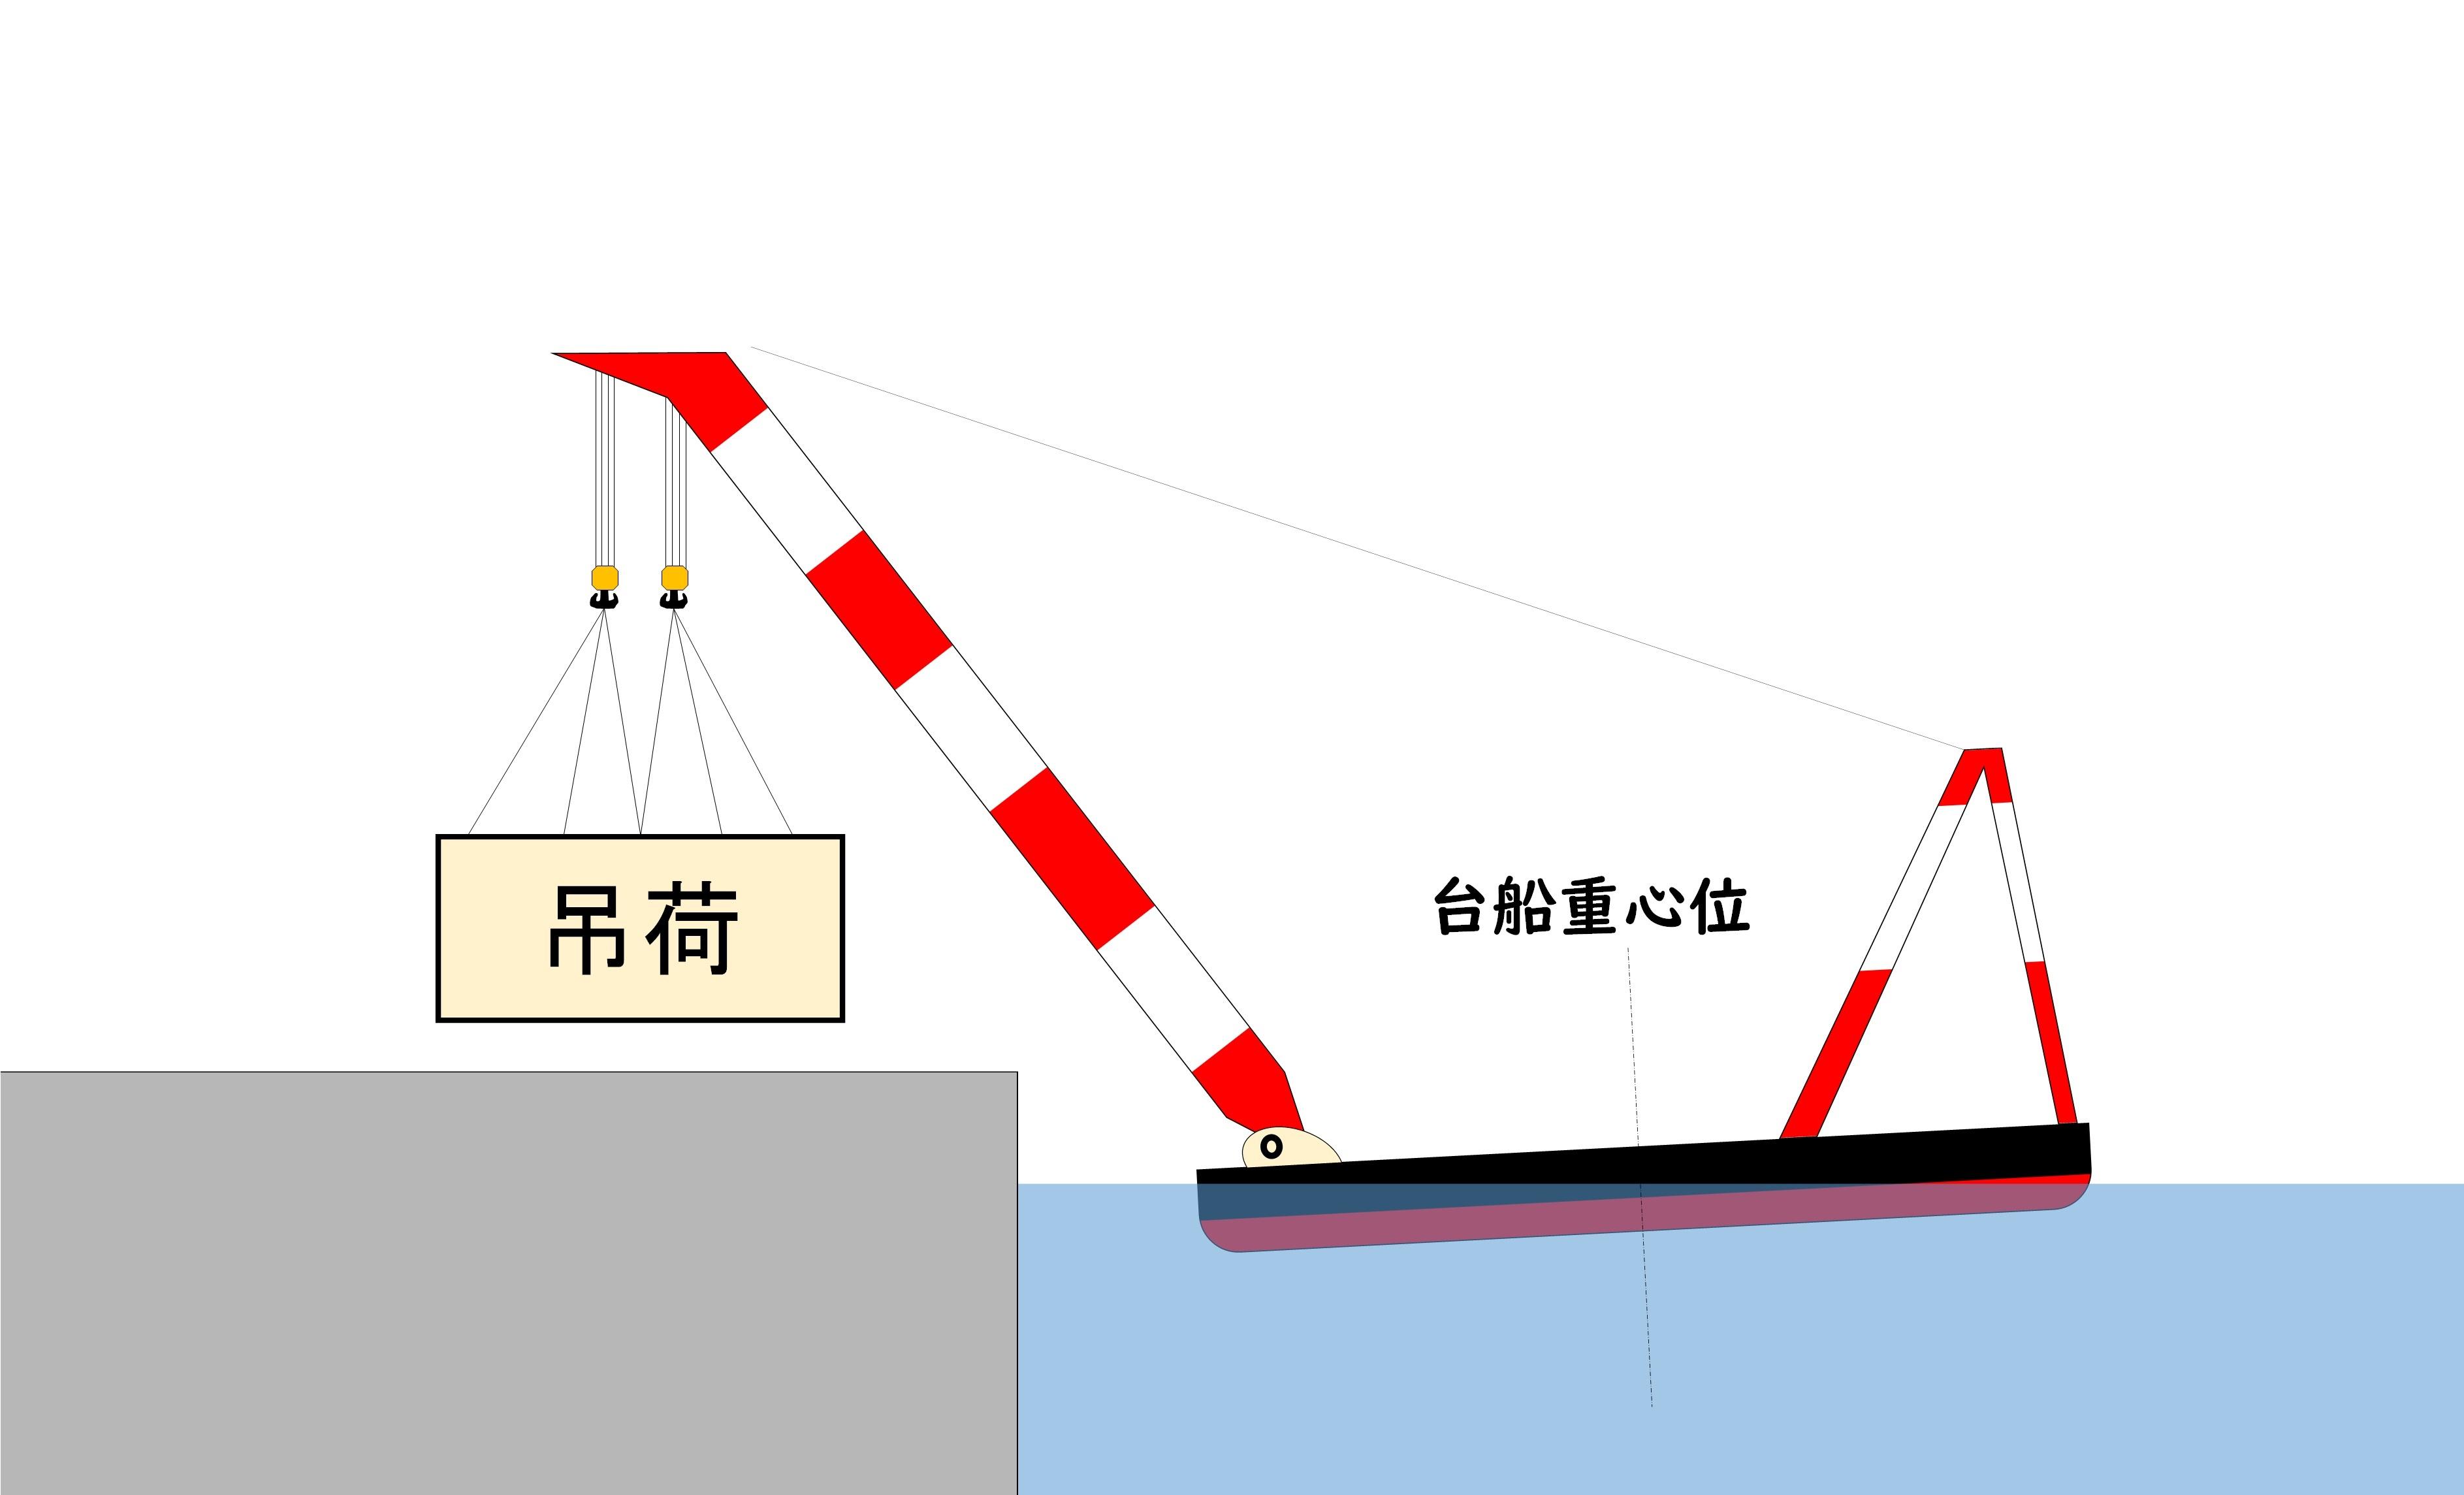 起重機船七不思議2-03